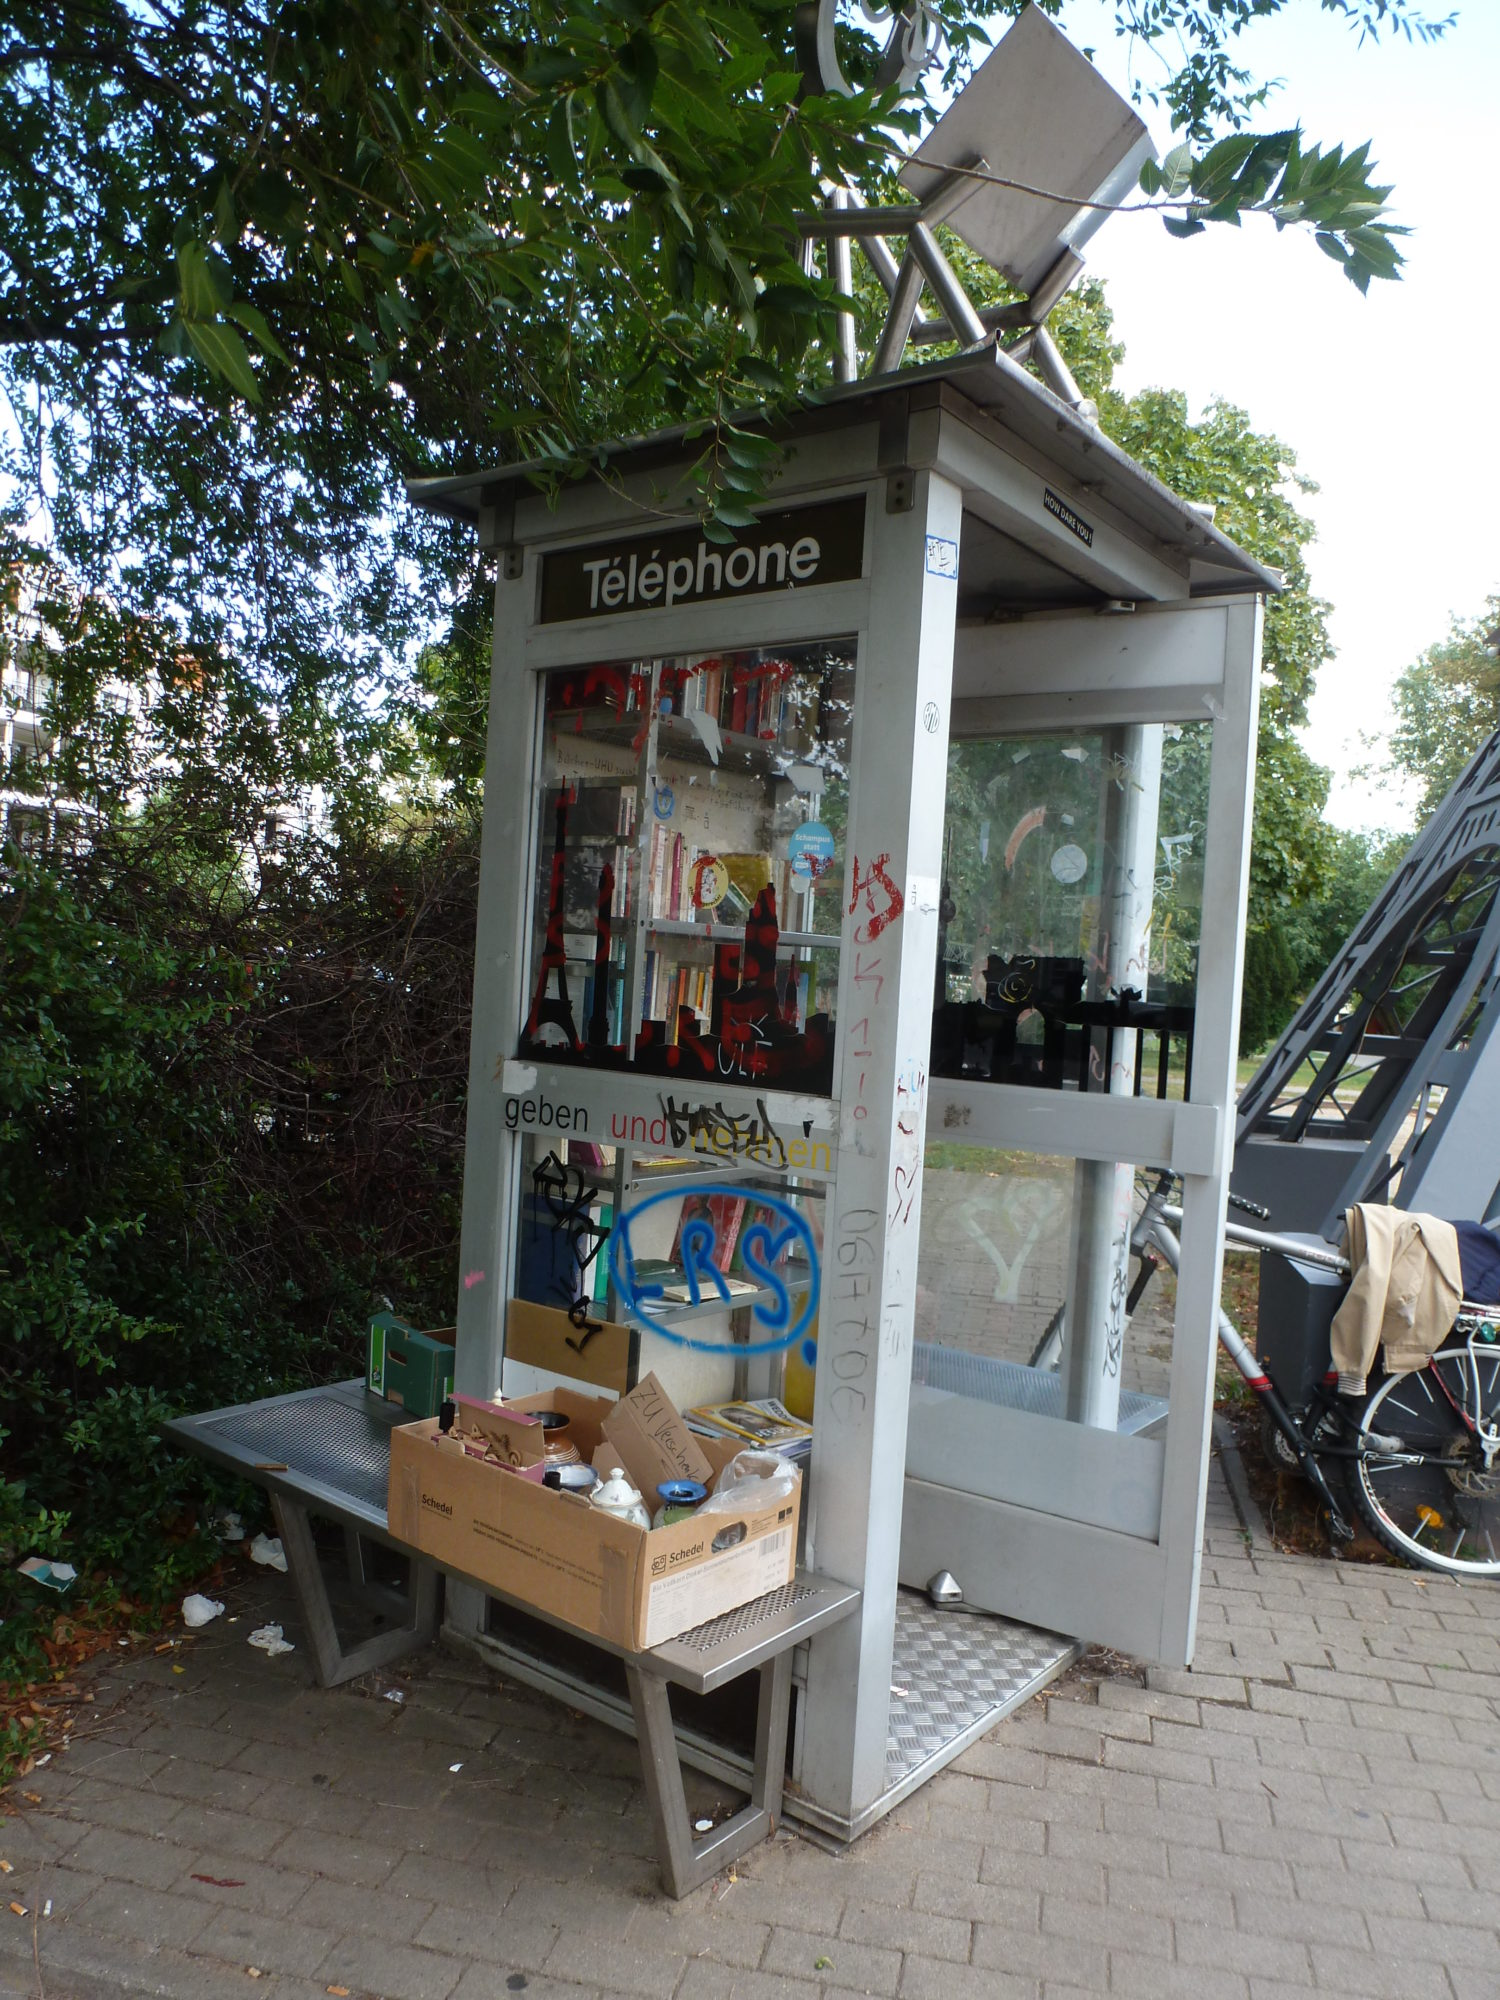 Multifunktionelle Cabin téléphonique: Öffentlicher Bücherschrank, Tauschladen, Partnerbörse. Foto: Eva Apraku